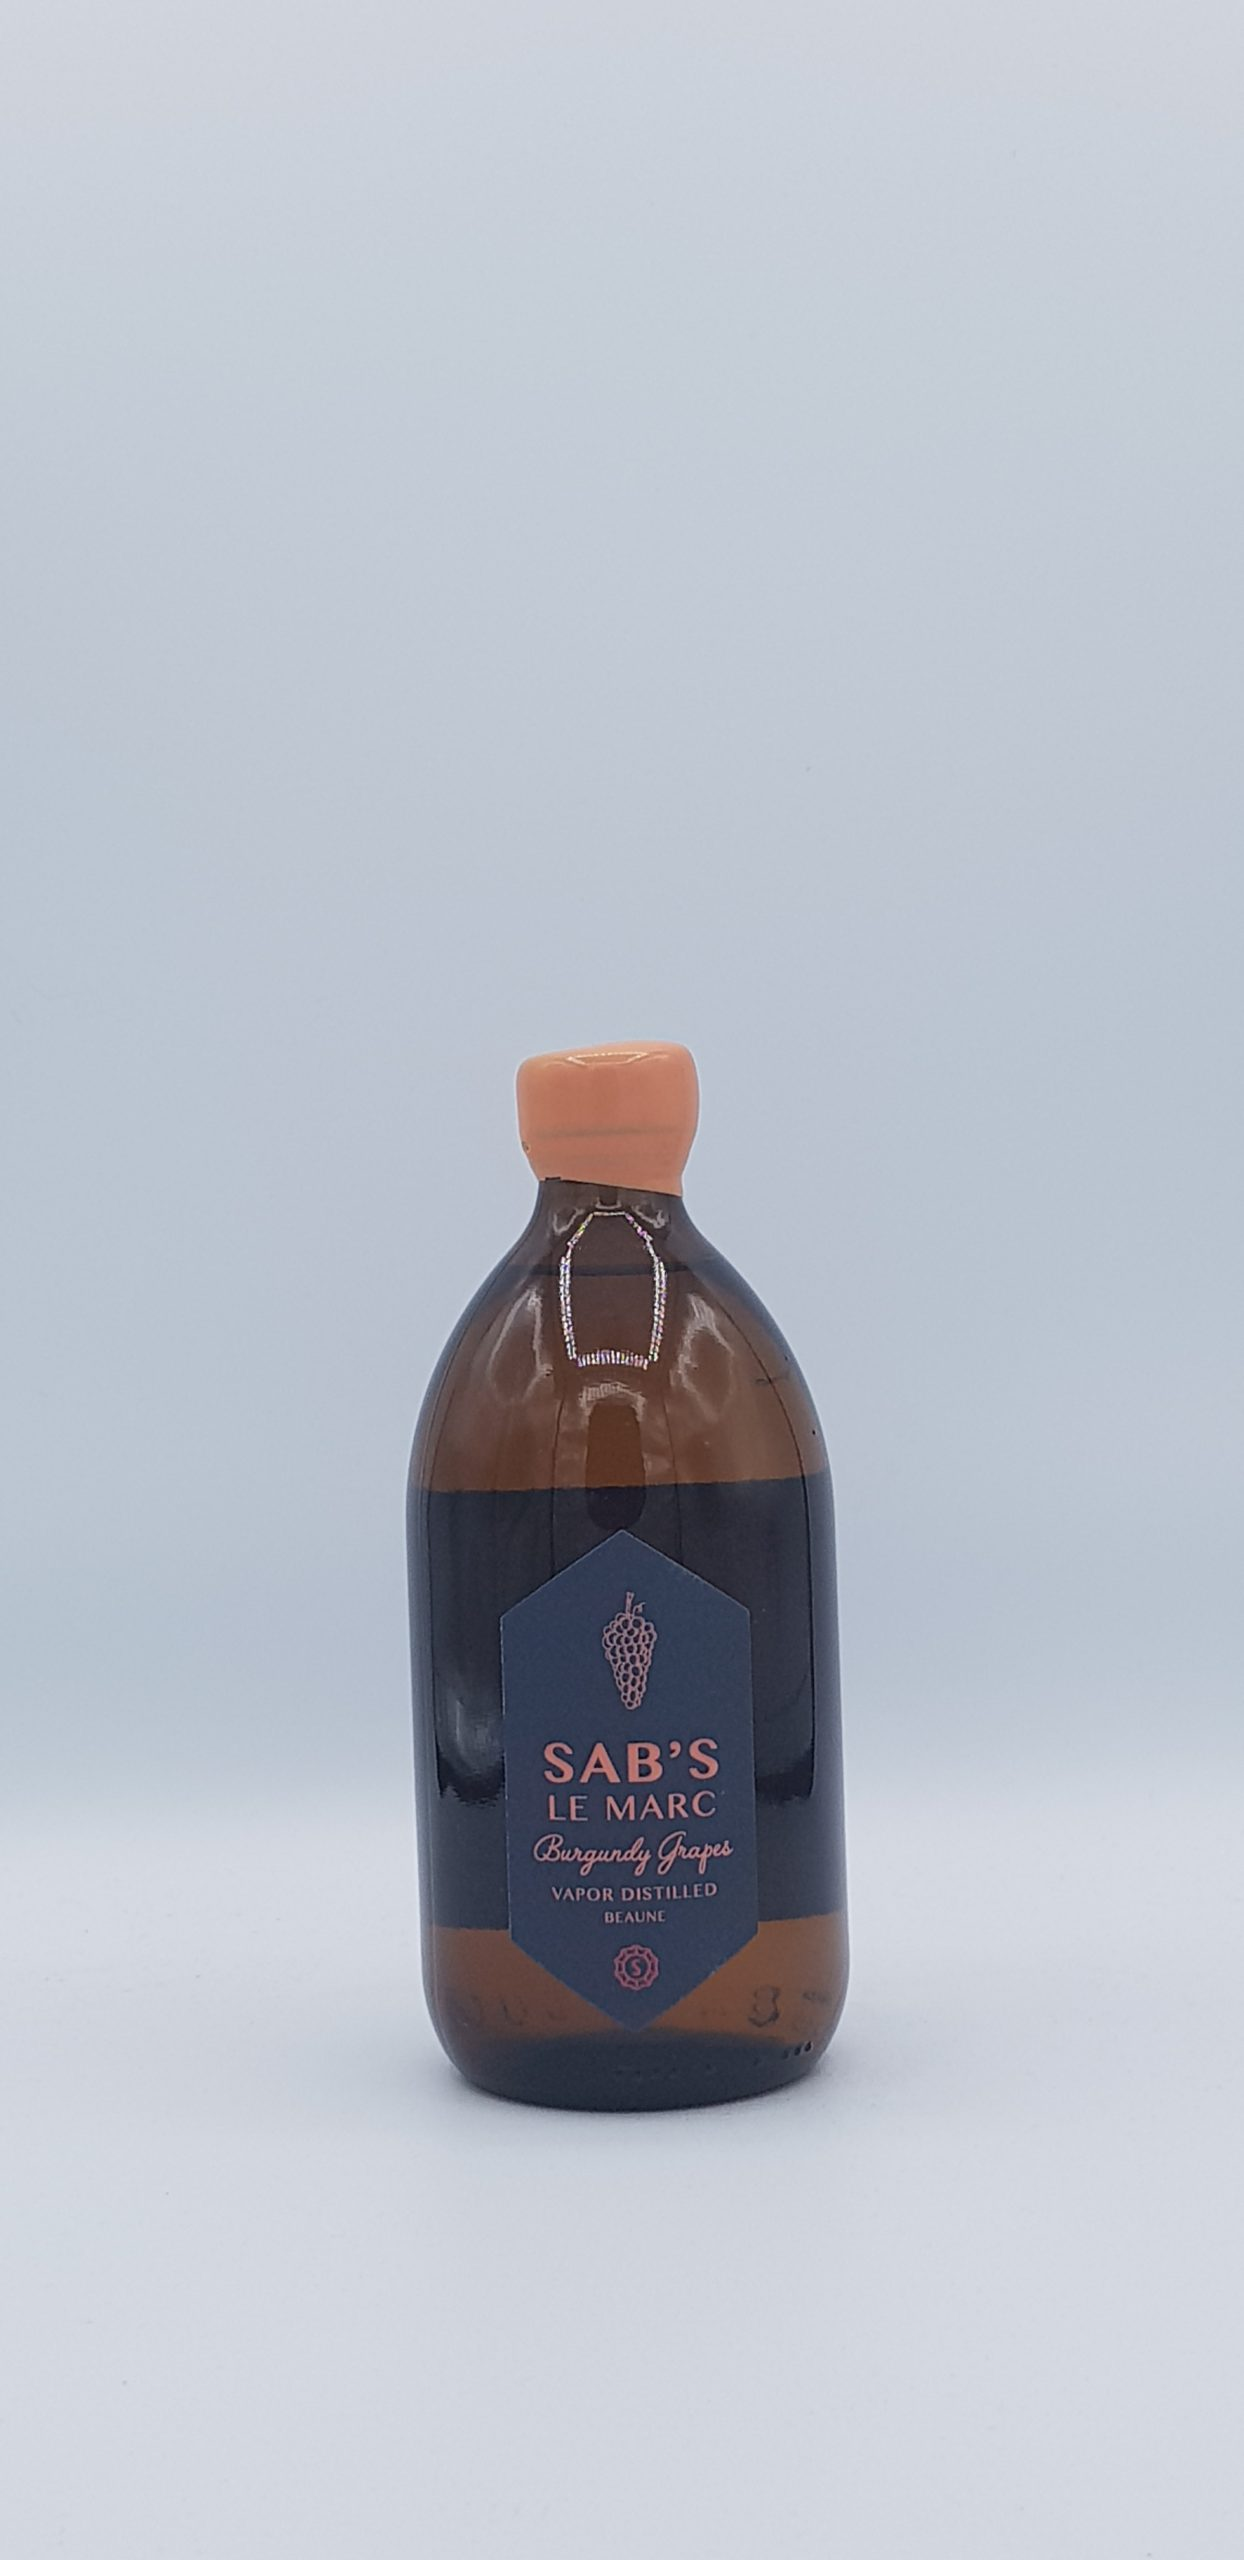 Sab's le Marc